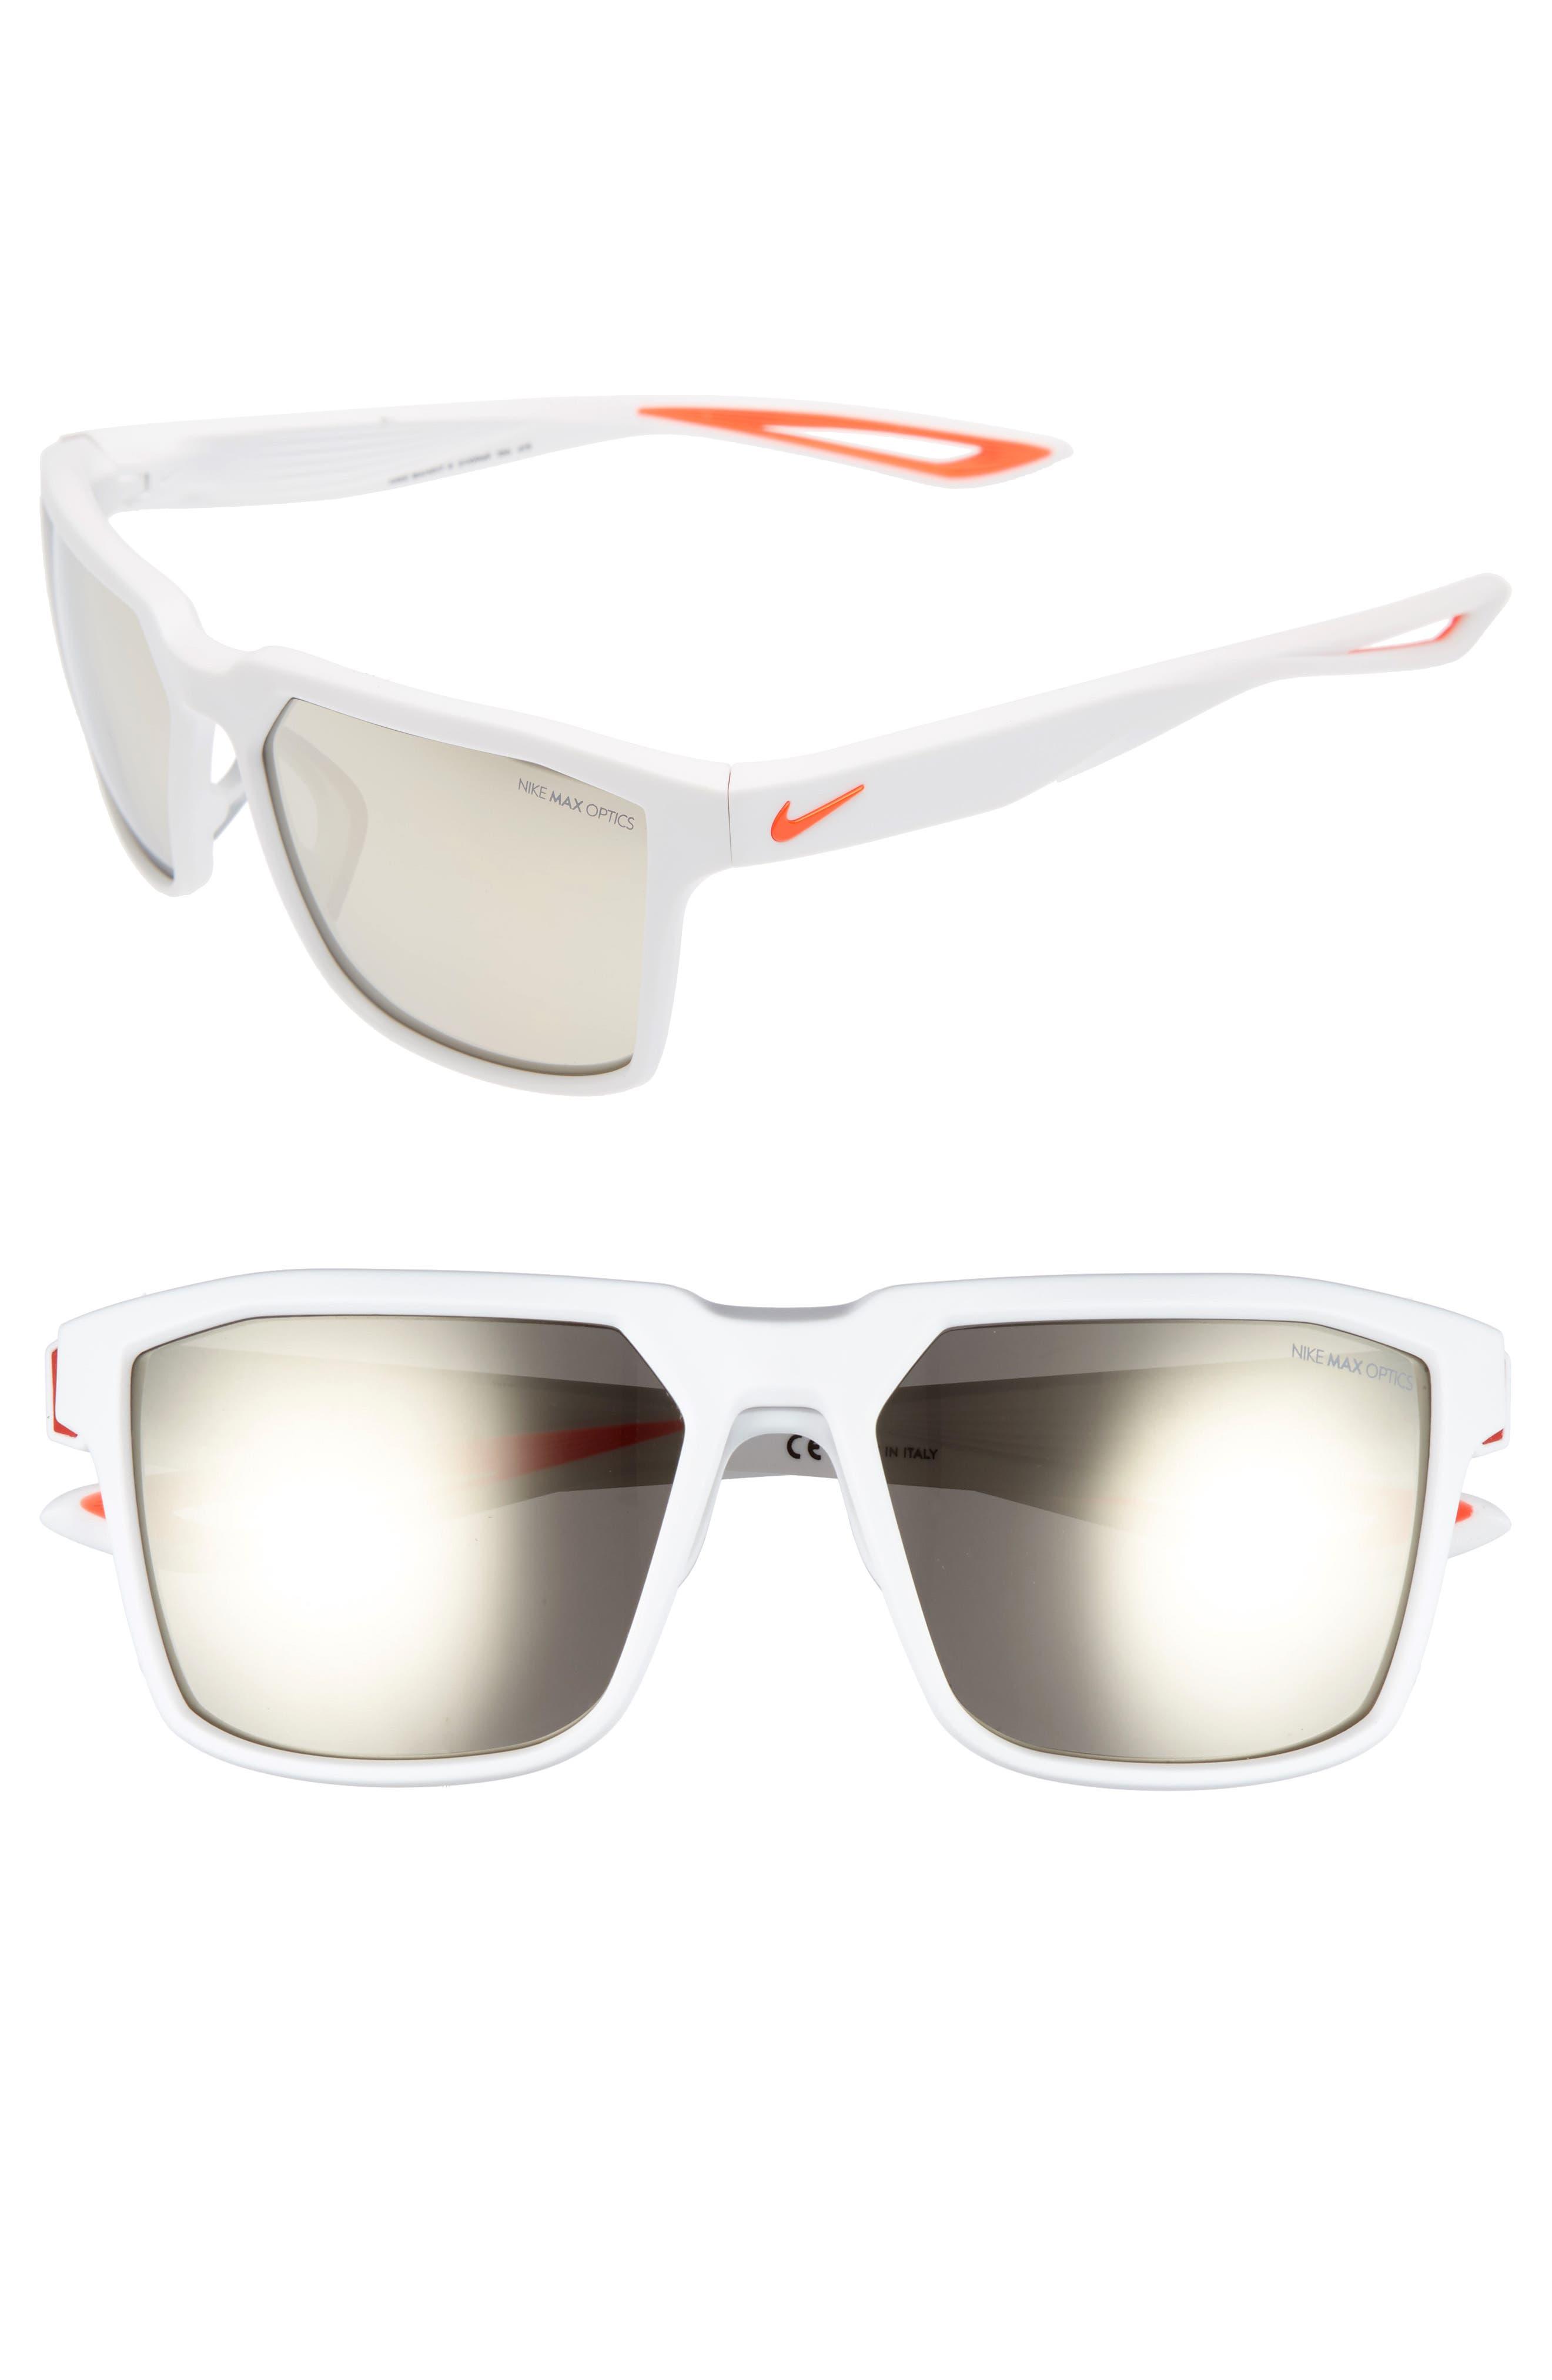 Nike Bandit R 59mm Sunglasses